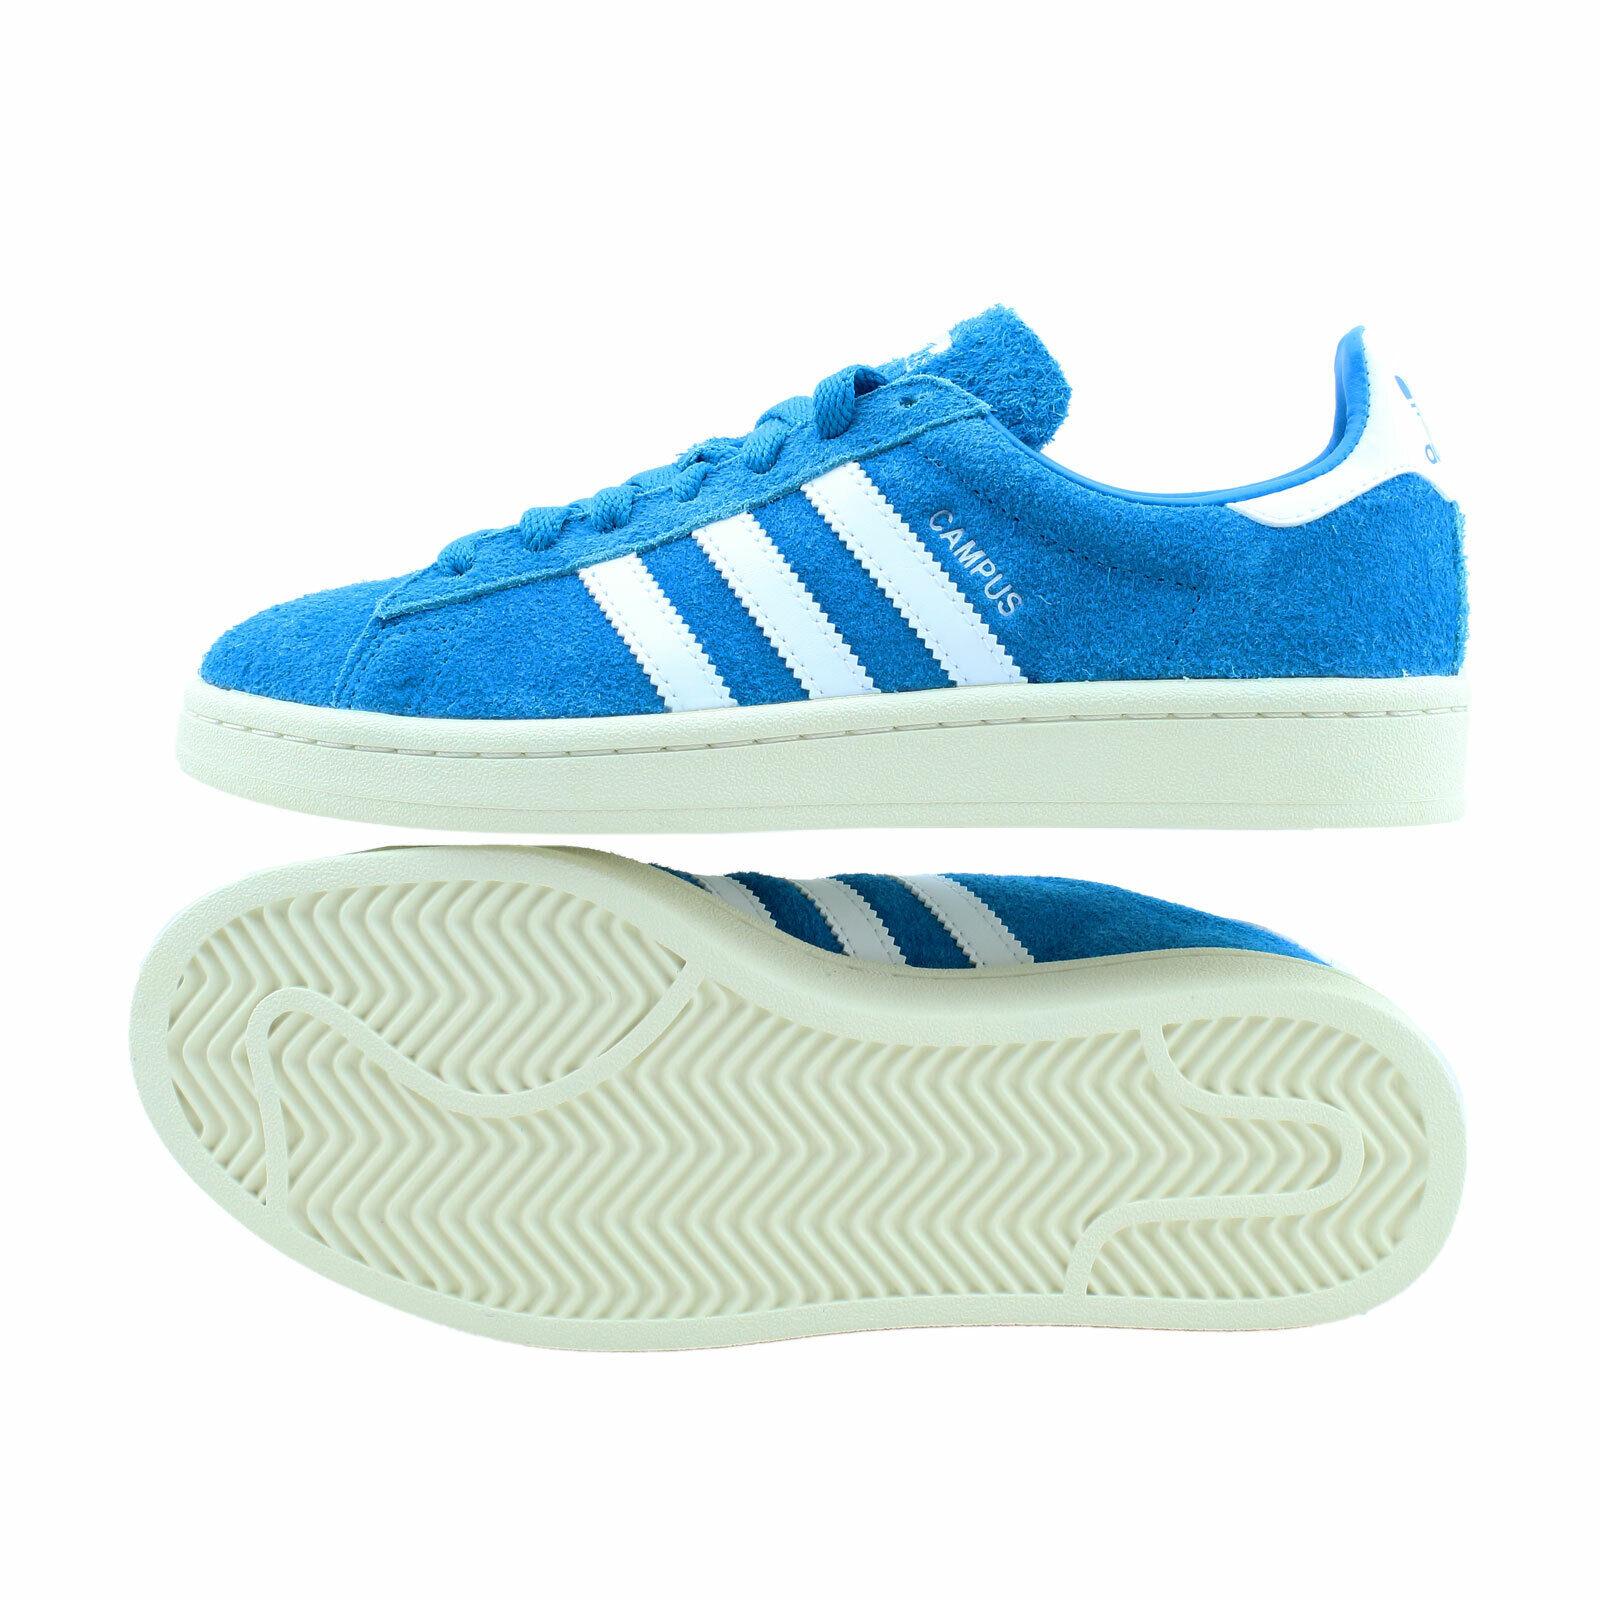 Adidas Originals campus baloncesto UK 6,5 40 bz0070 zapatos zapatillas calzado deportivo